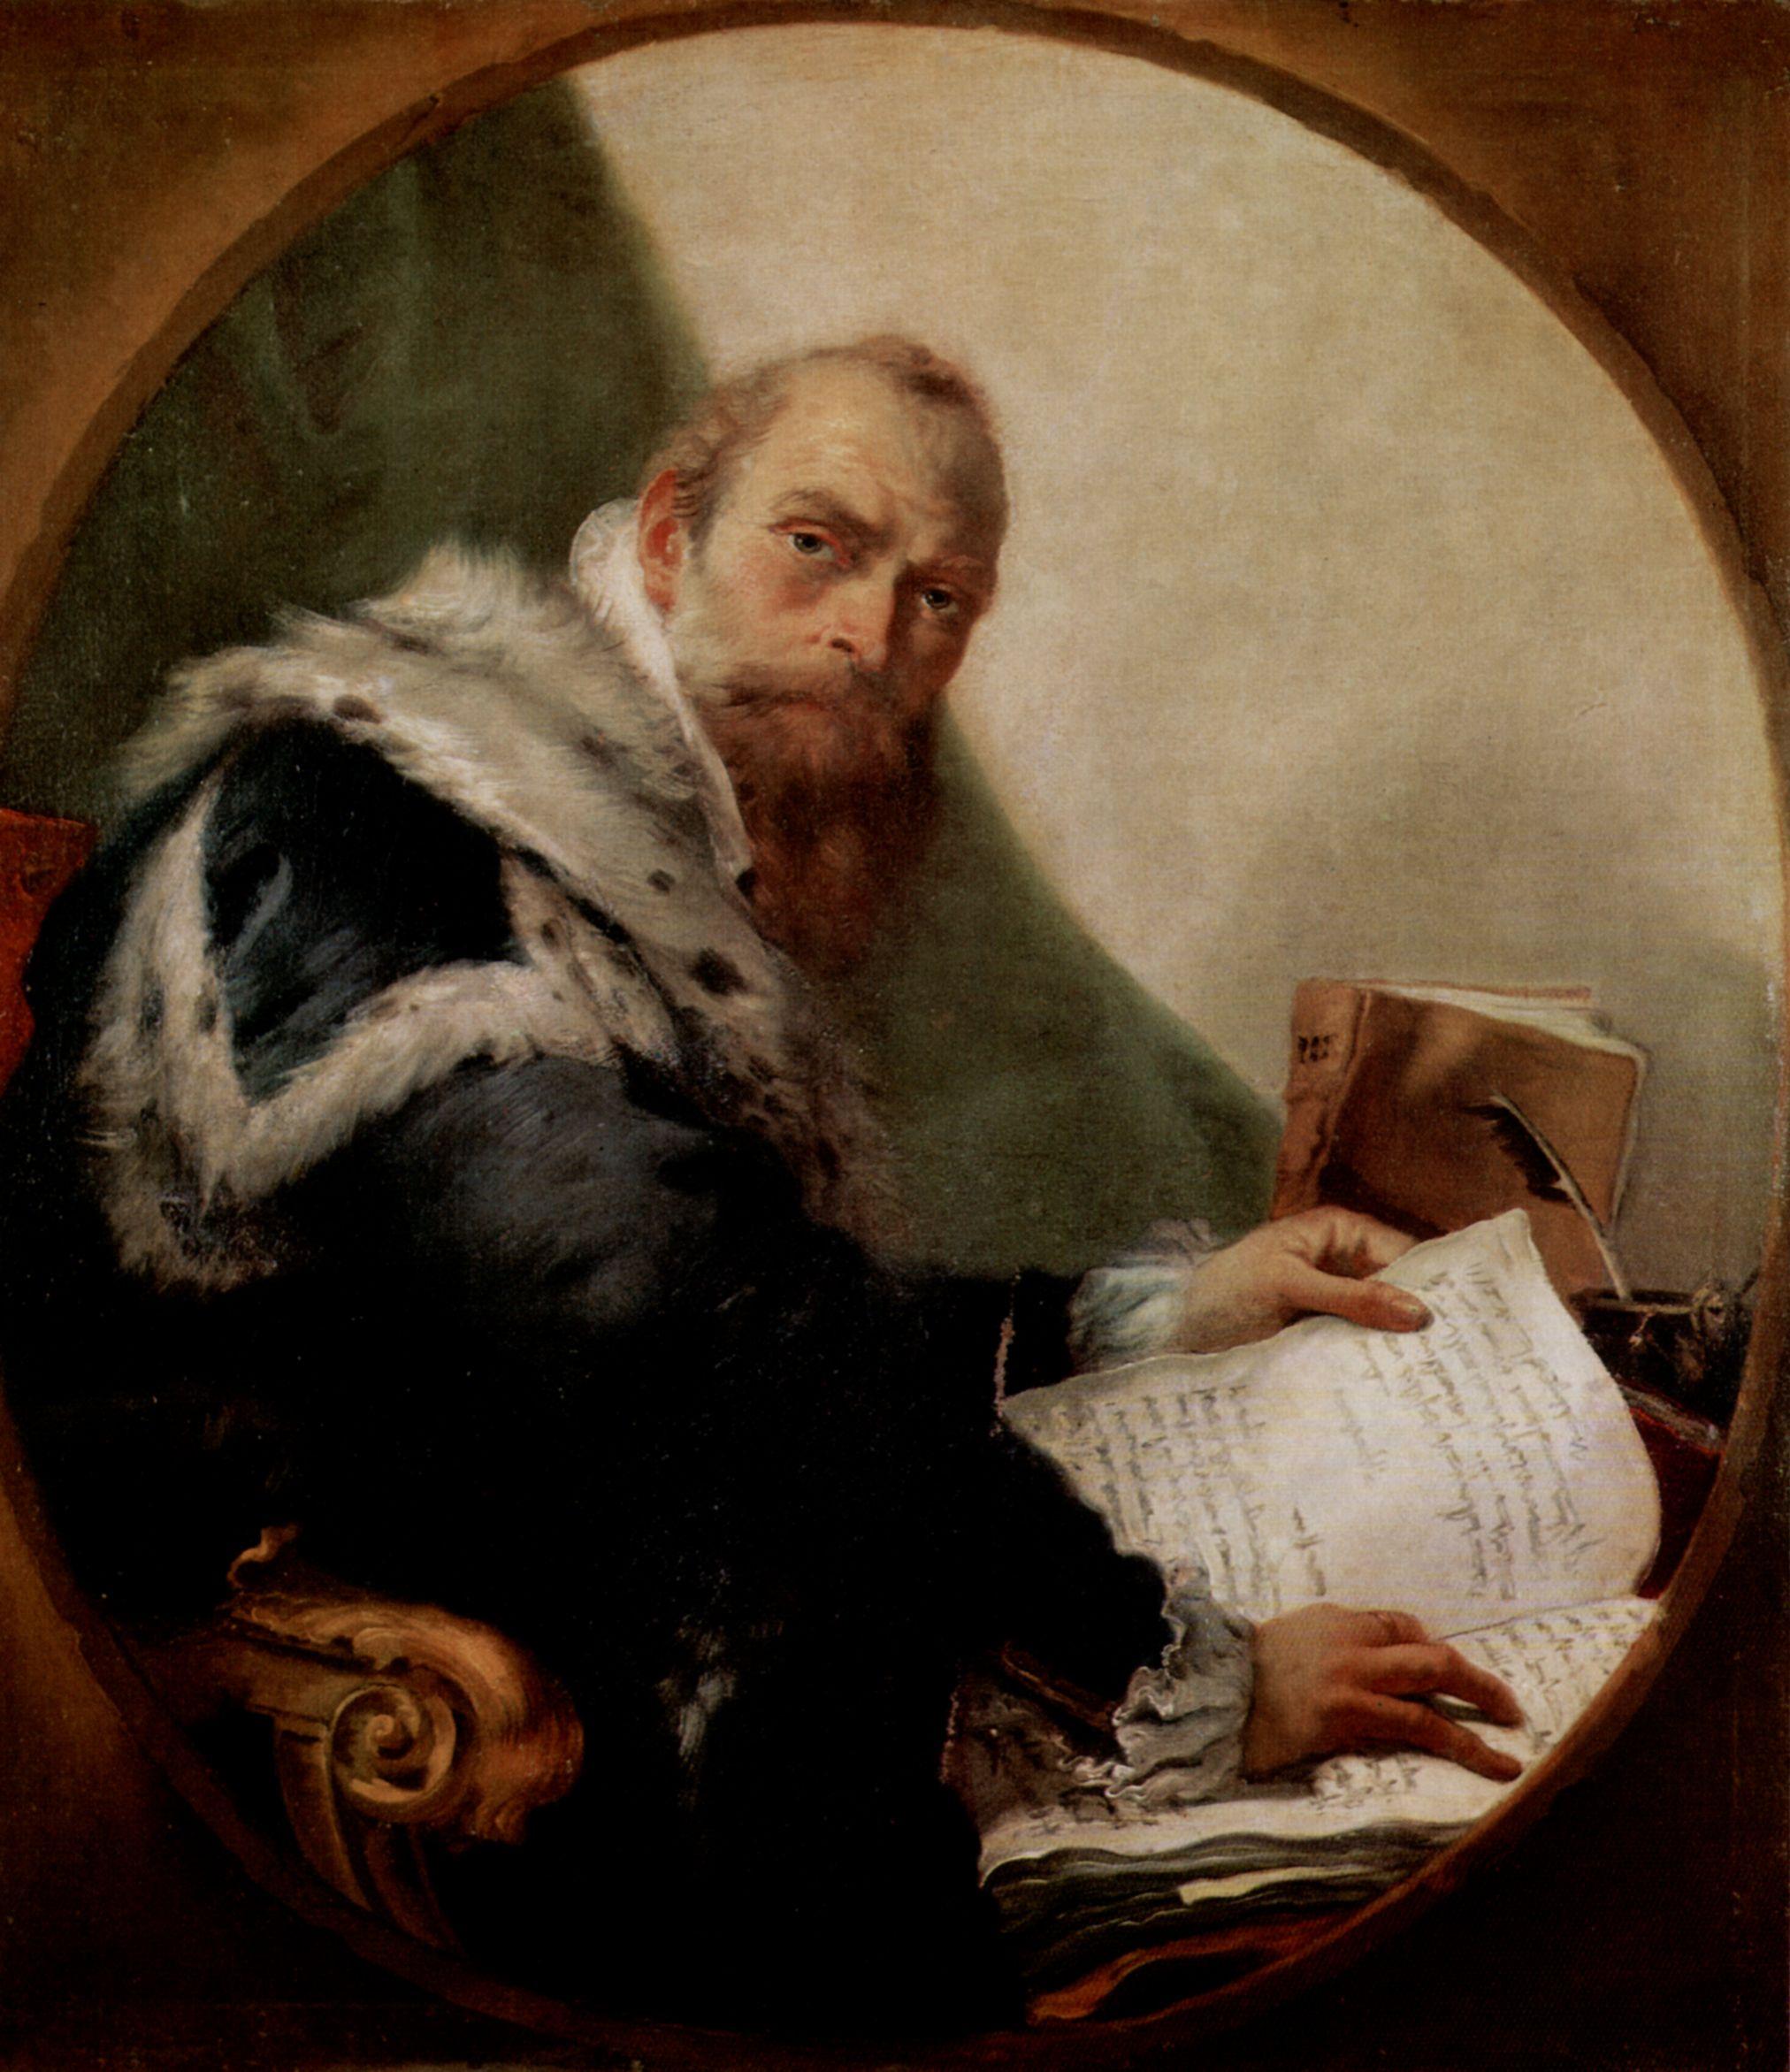 Großbild: Giovanni Battista Tiepolo: Porträt des Antonio ...